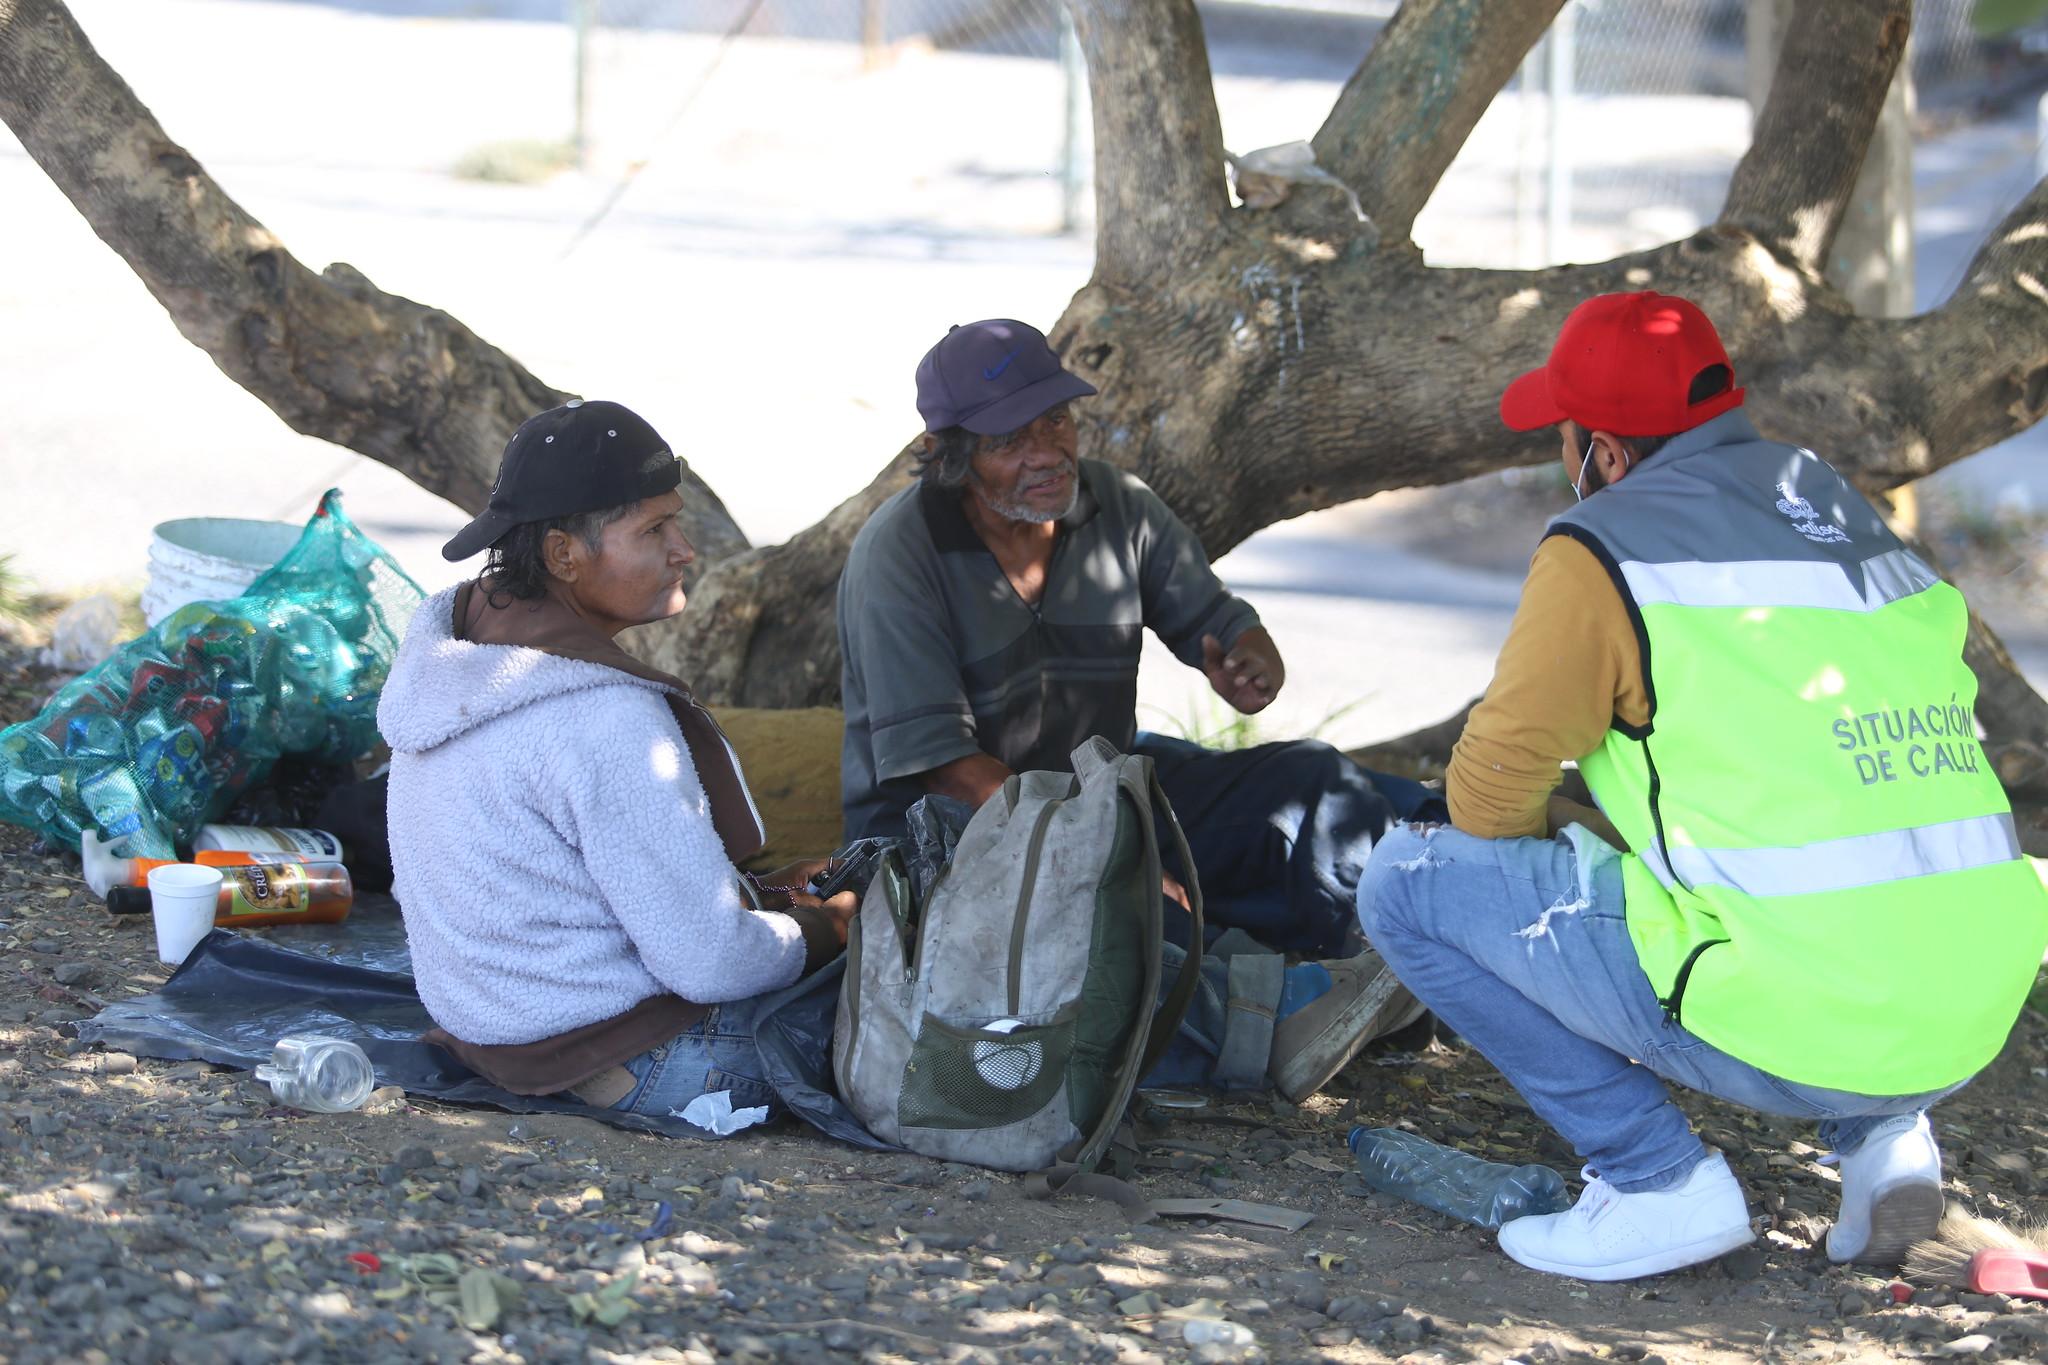 DIF Jalisco apoya a migrantes en tránsito por la ZMG mediante servicios de alojamiento, higiene y alimentación.